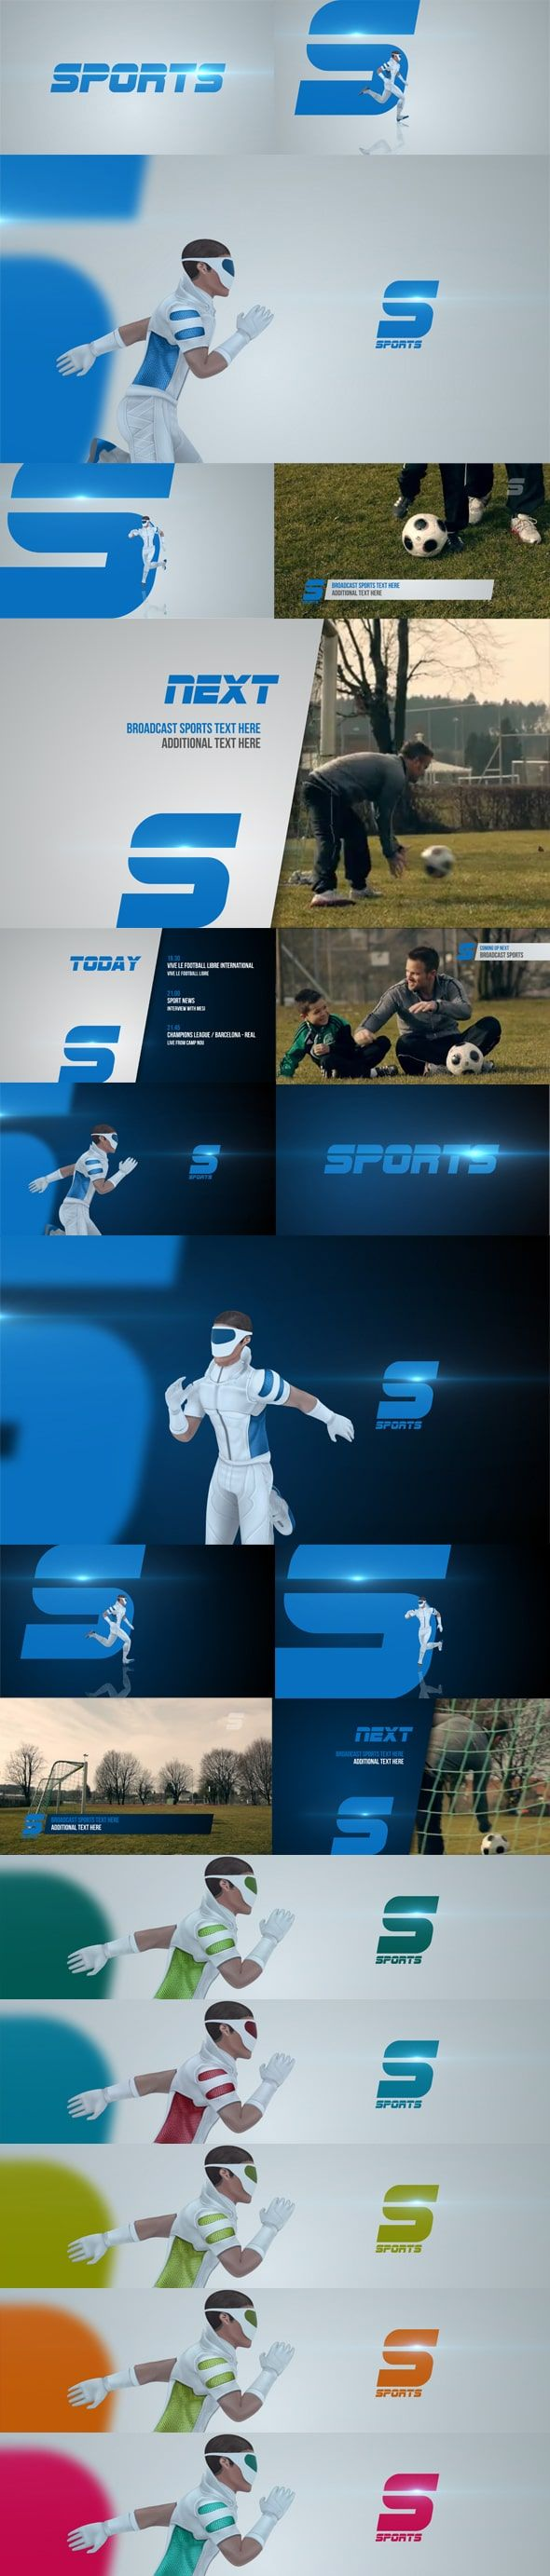 دانلود پروژه افترافکت اخبار ورزشی : برودکست Broadcast Sports Future Package